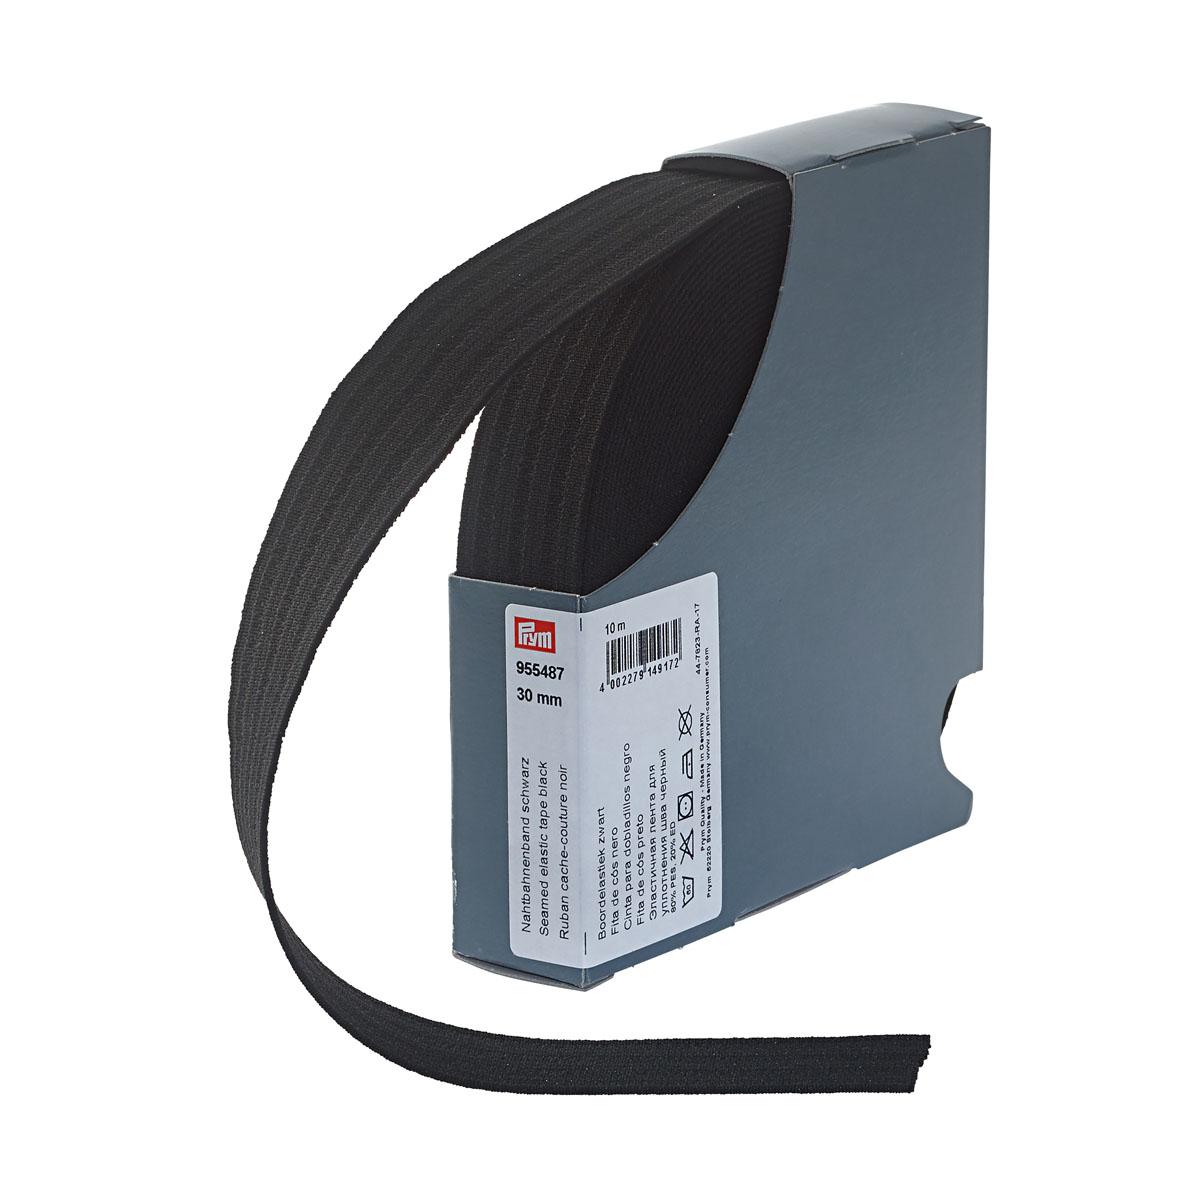 955487 Эластичная лента для уплотнения шва 30 мм черный цв. Prym